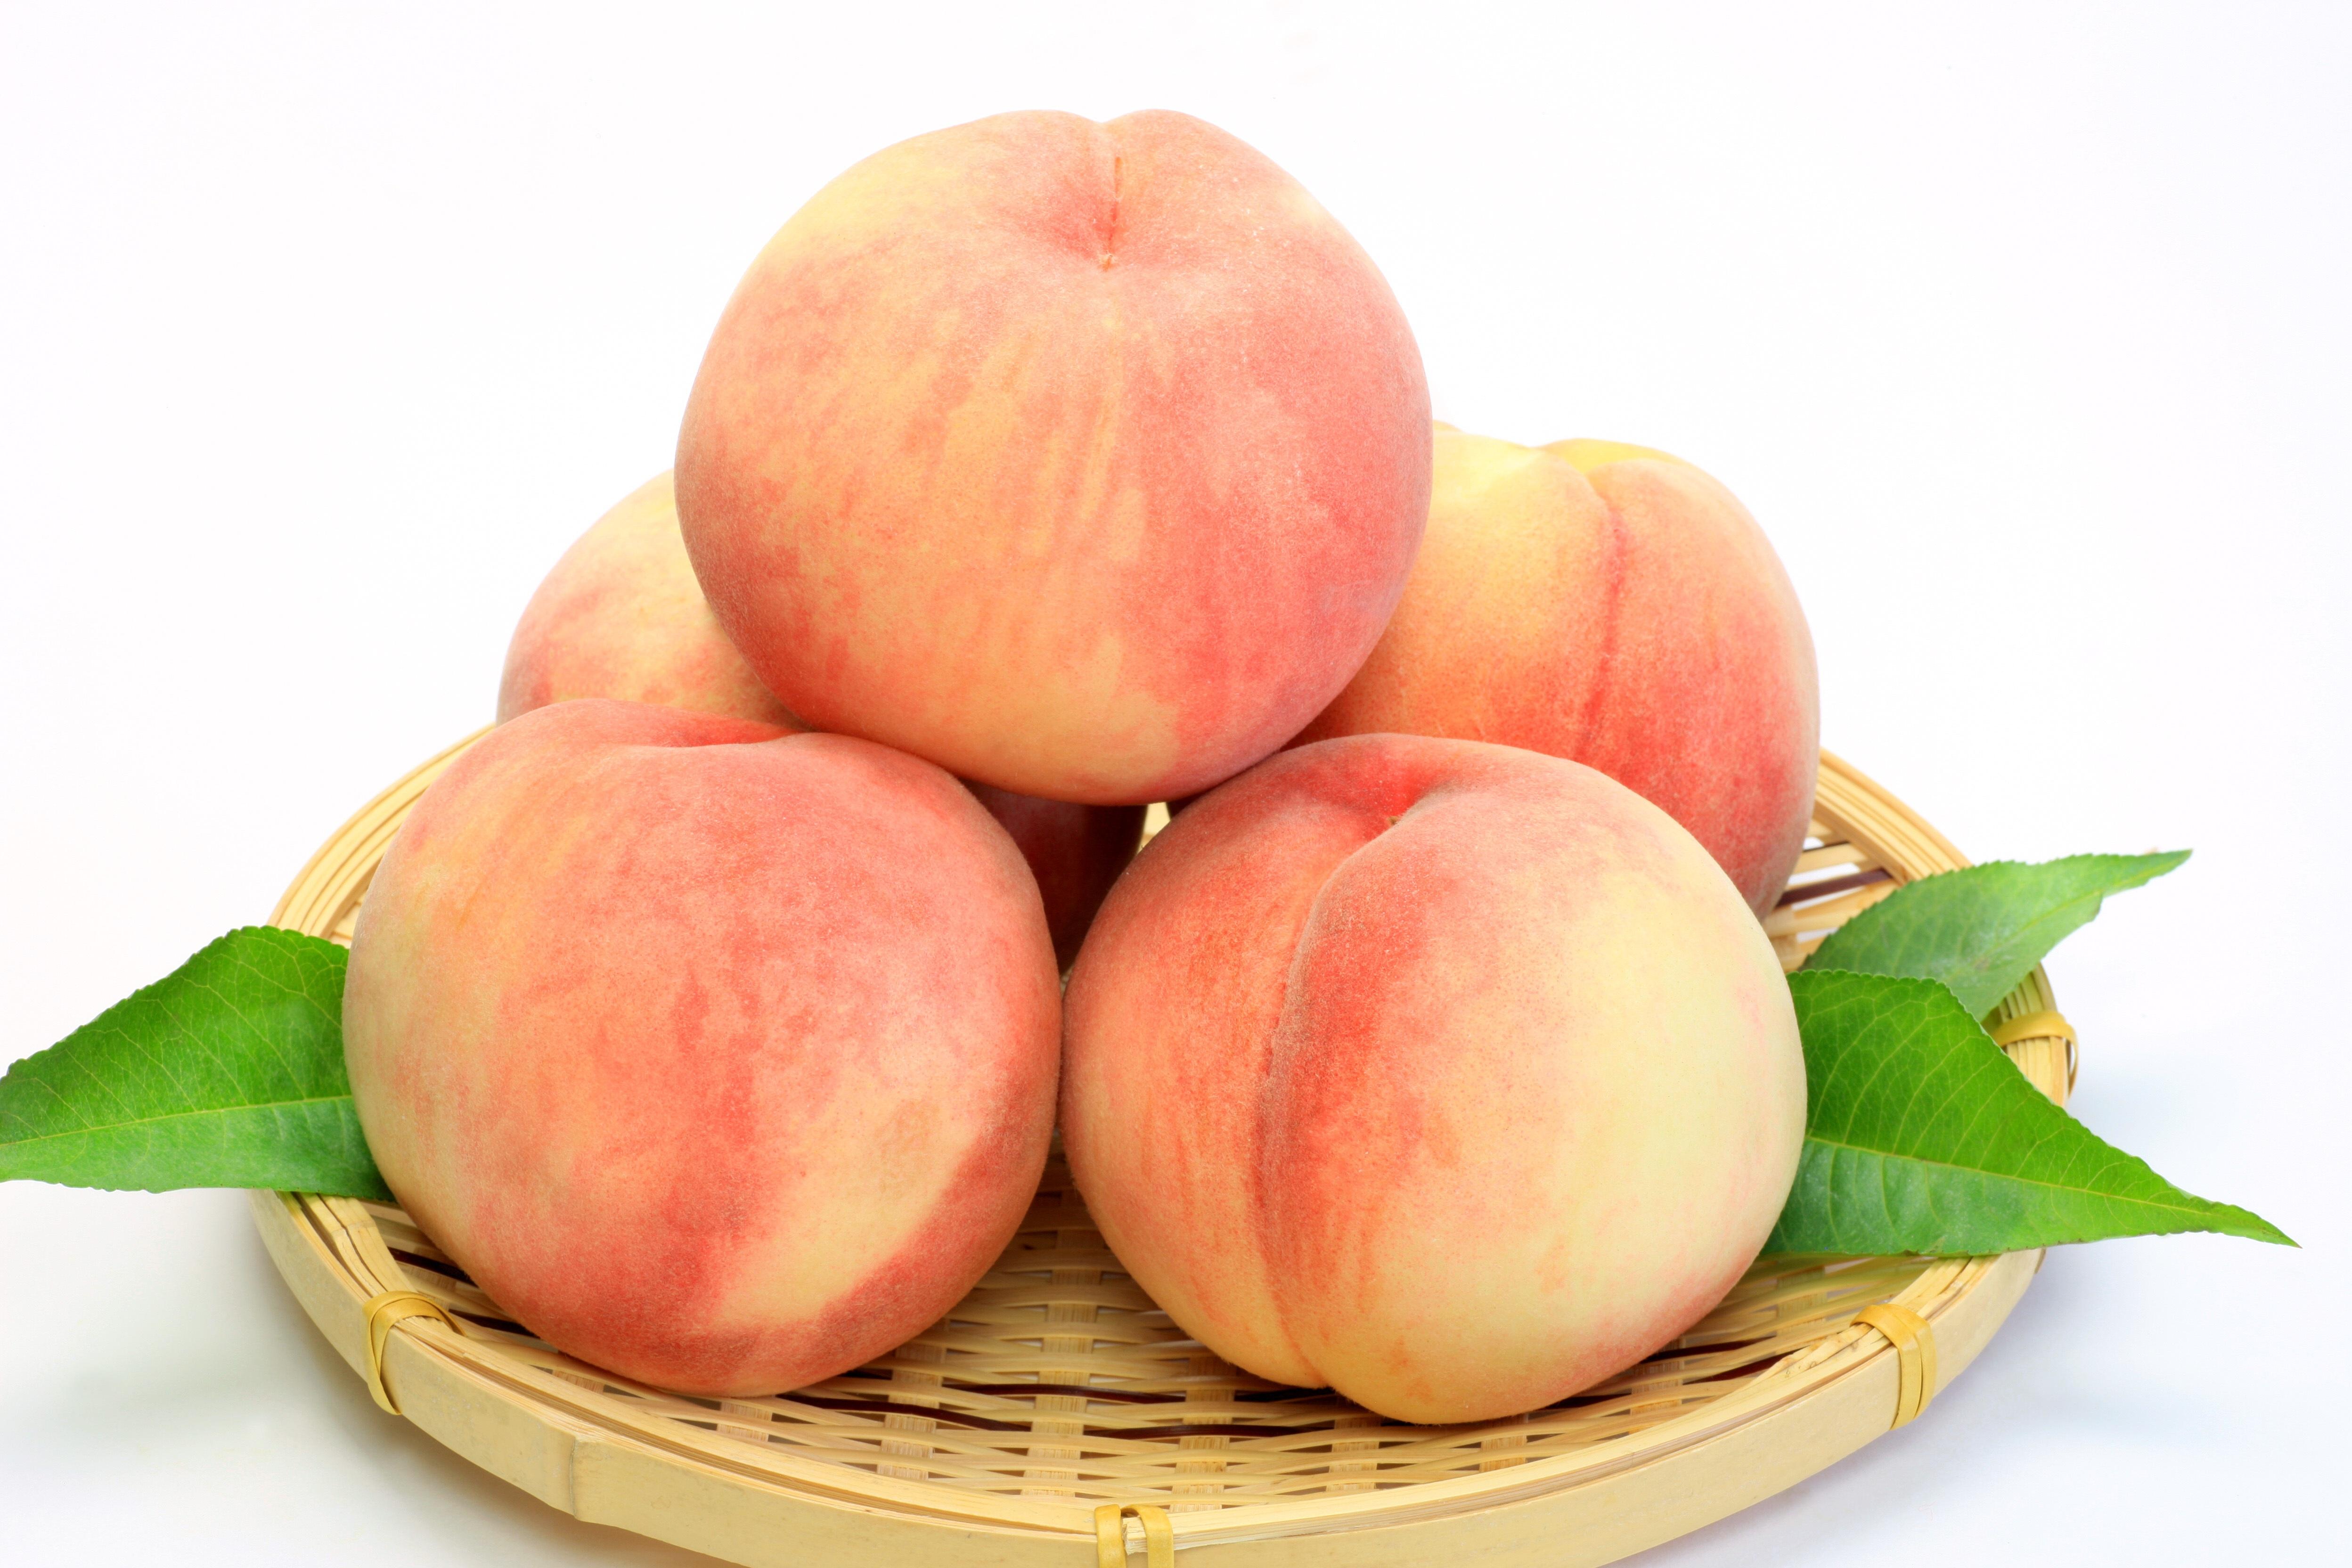 Белый персик картинка